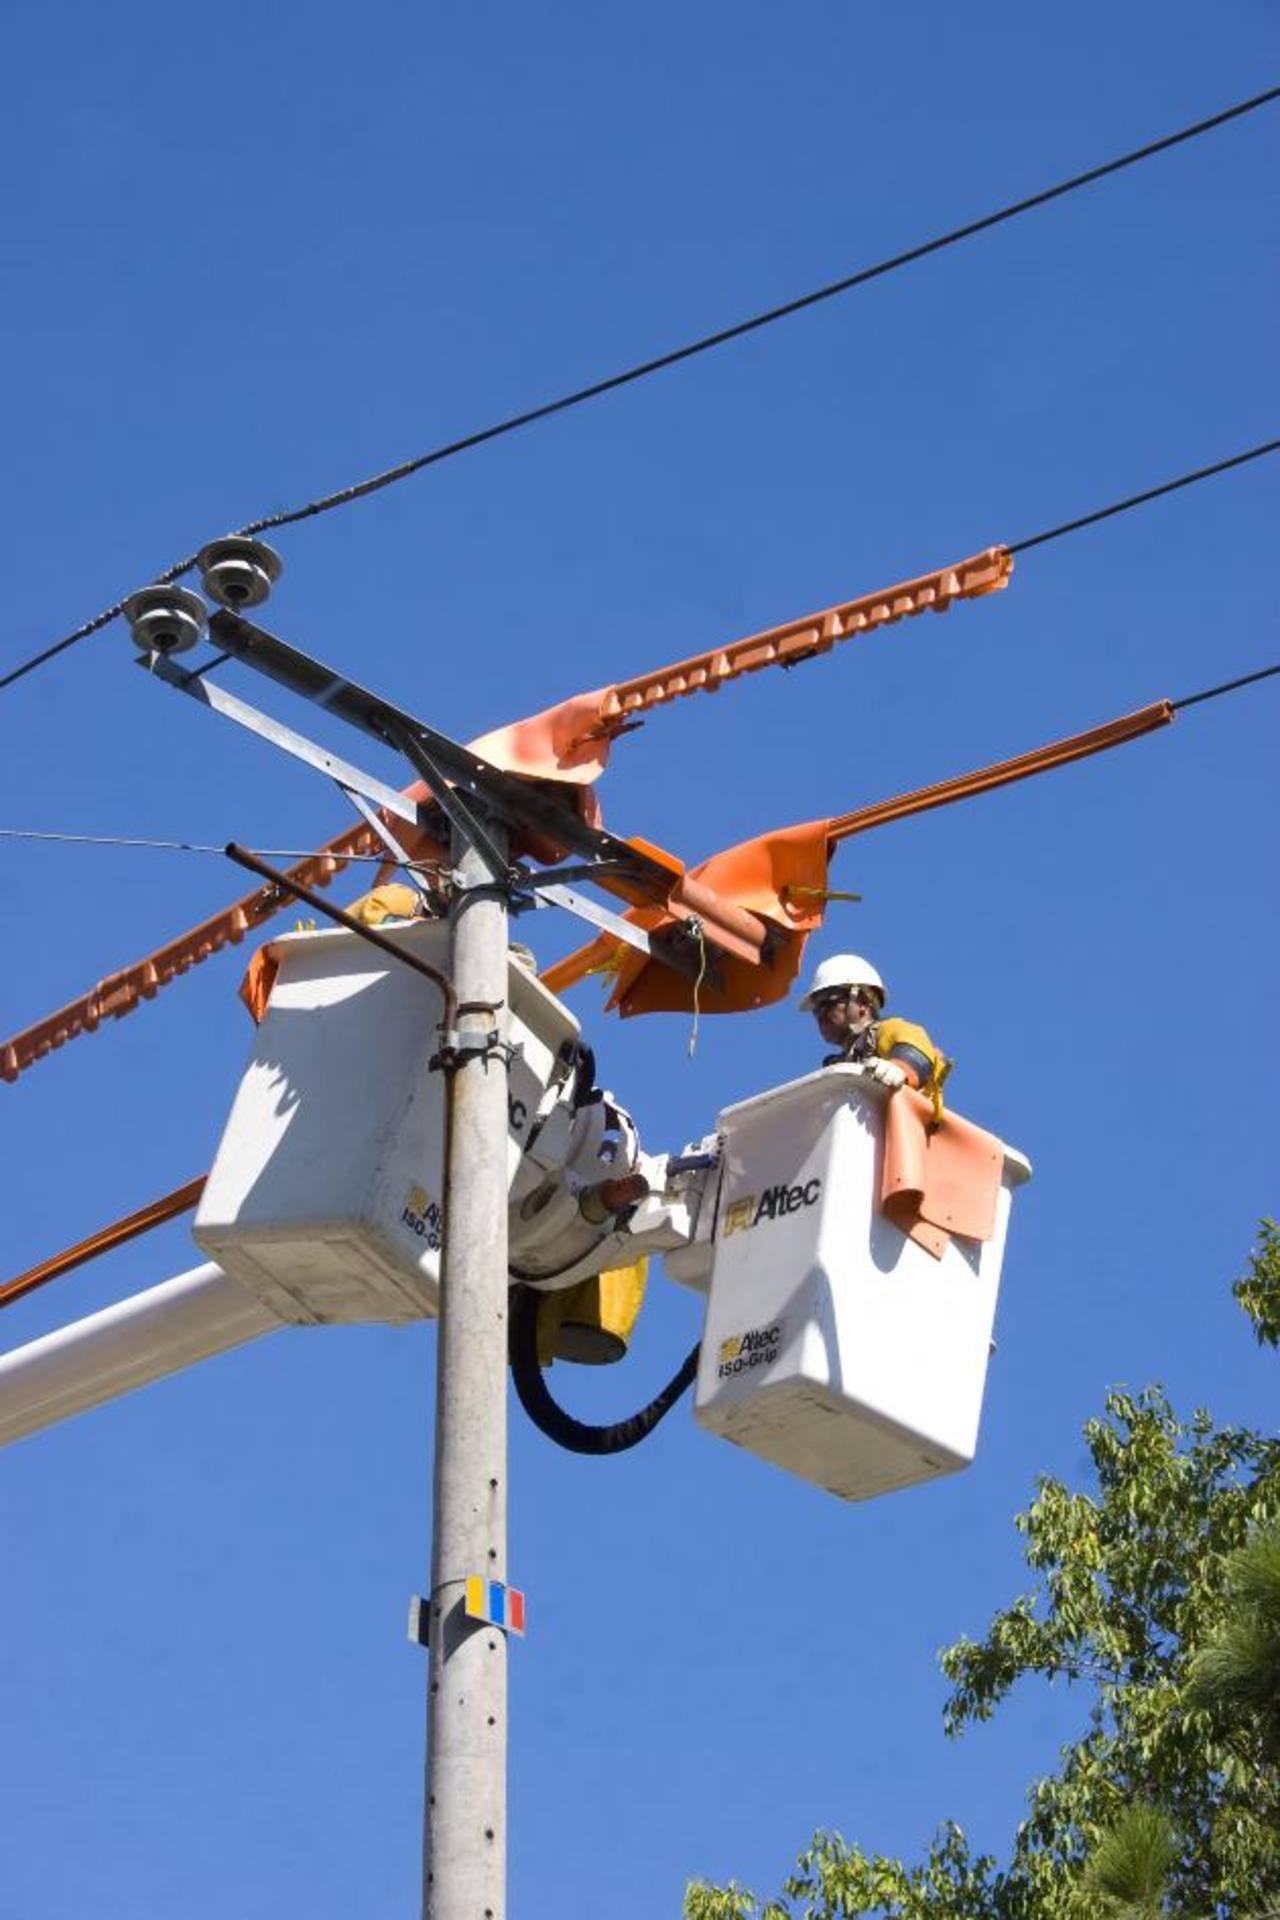 El compromiso de Delsur es brindar suministro eléctrico.